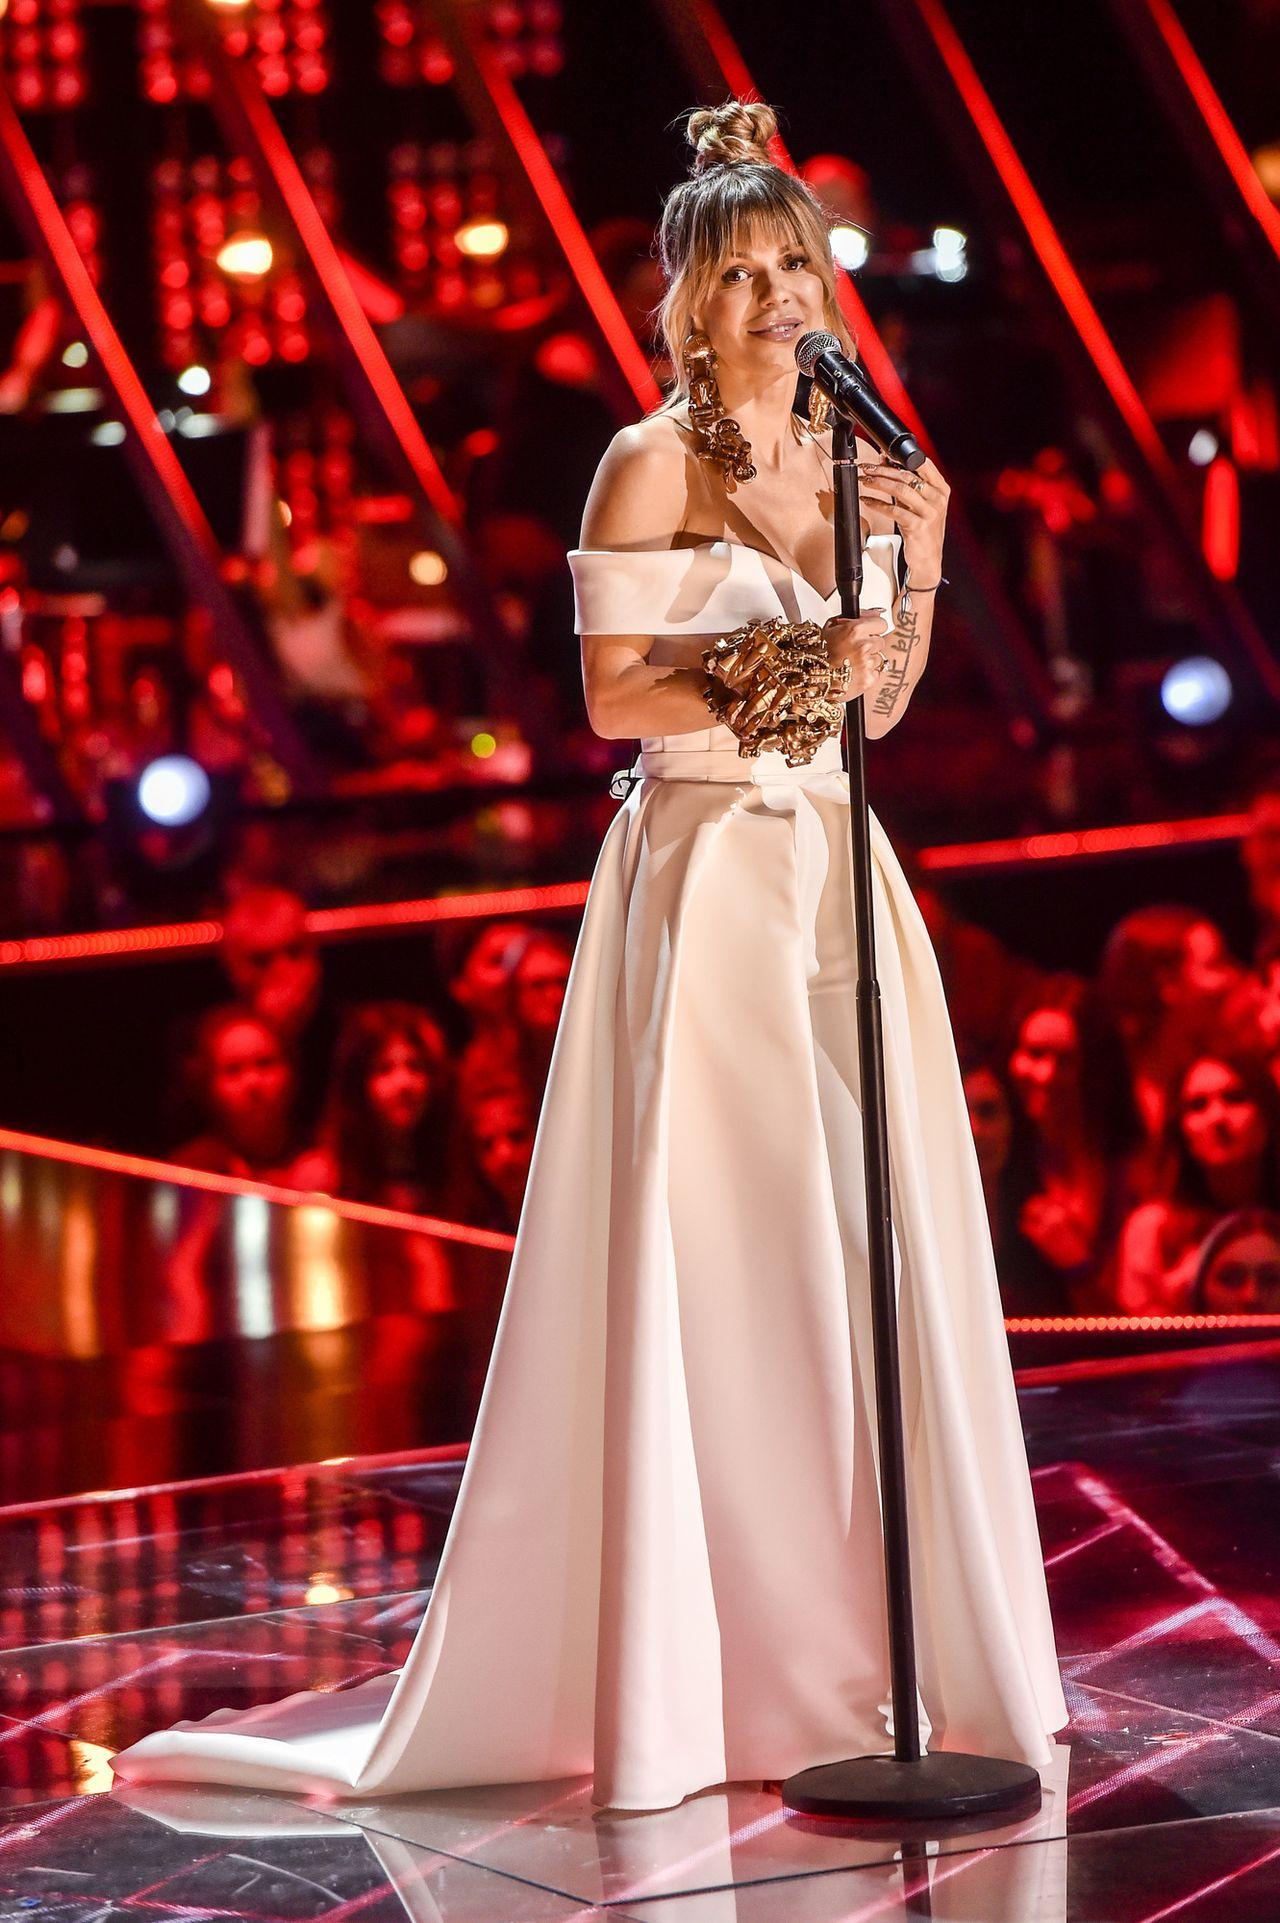 Doda w finale The Voice w długiej, białej sukni zaśpiewała nowy singiel ZDJĘCIA